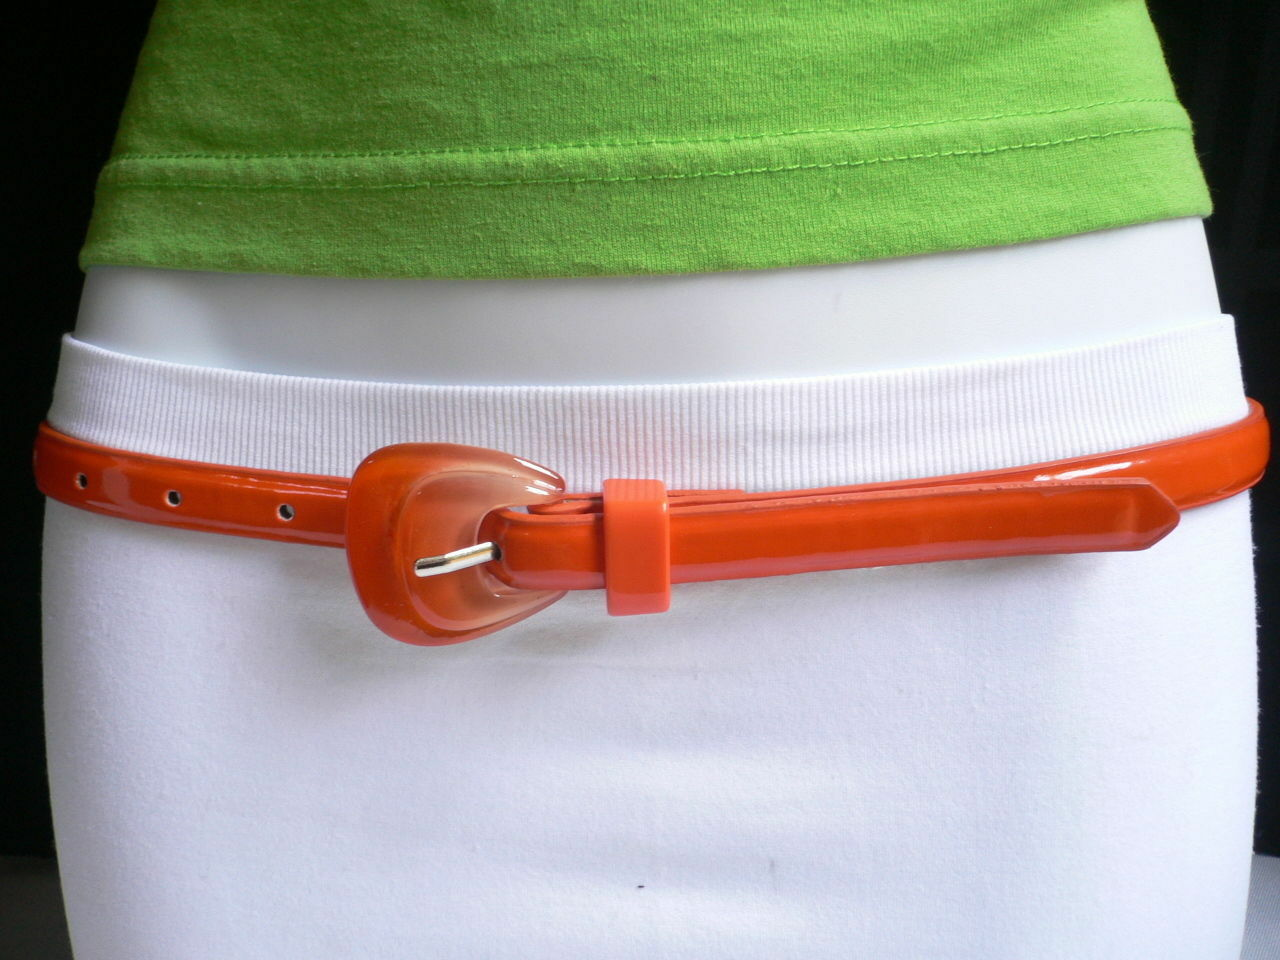 Neu Damen Mode Gürtel Trendy Skinny Hell Orange Kunstleder Schnalle S M image 10